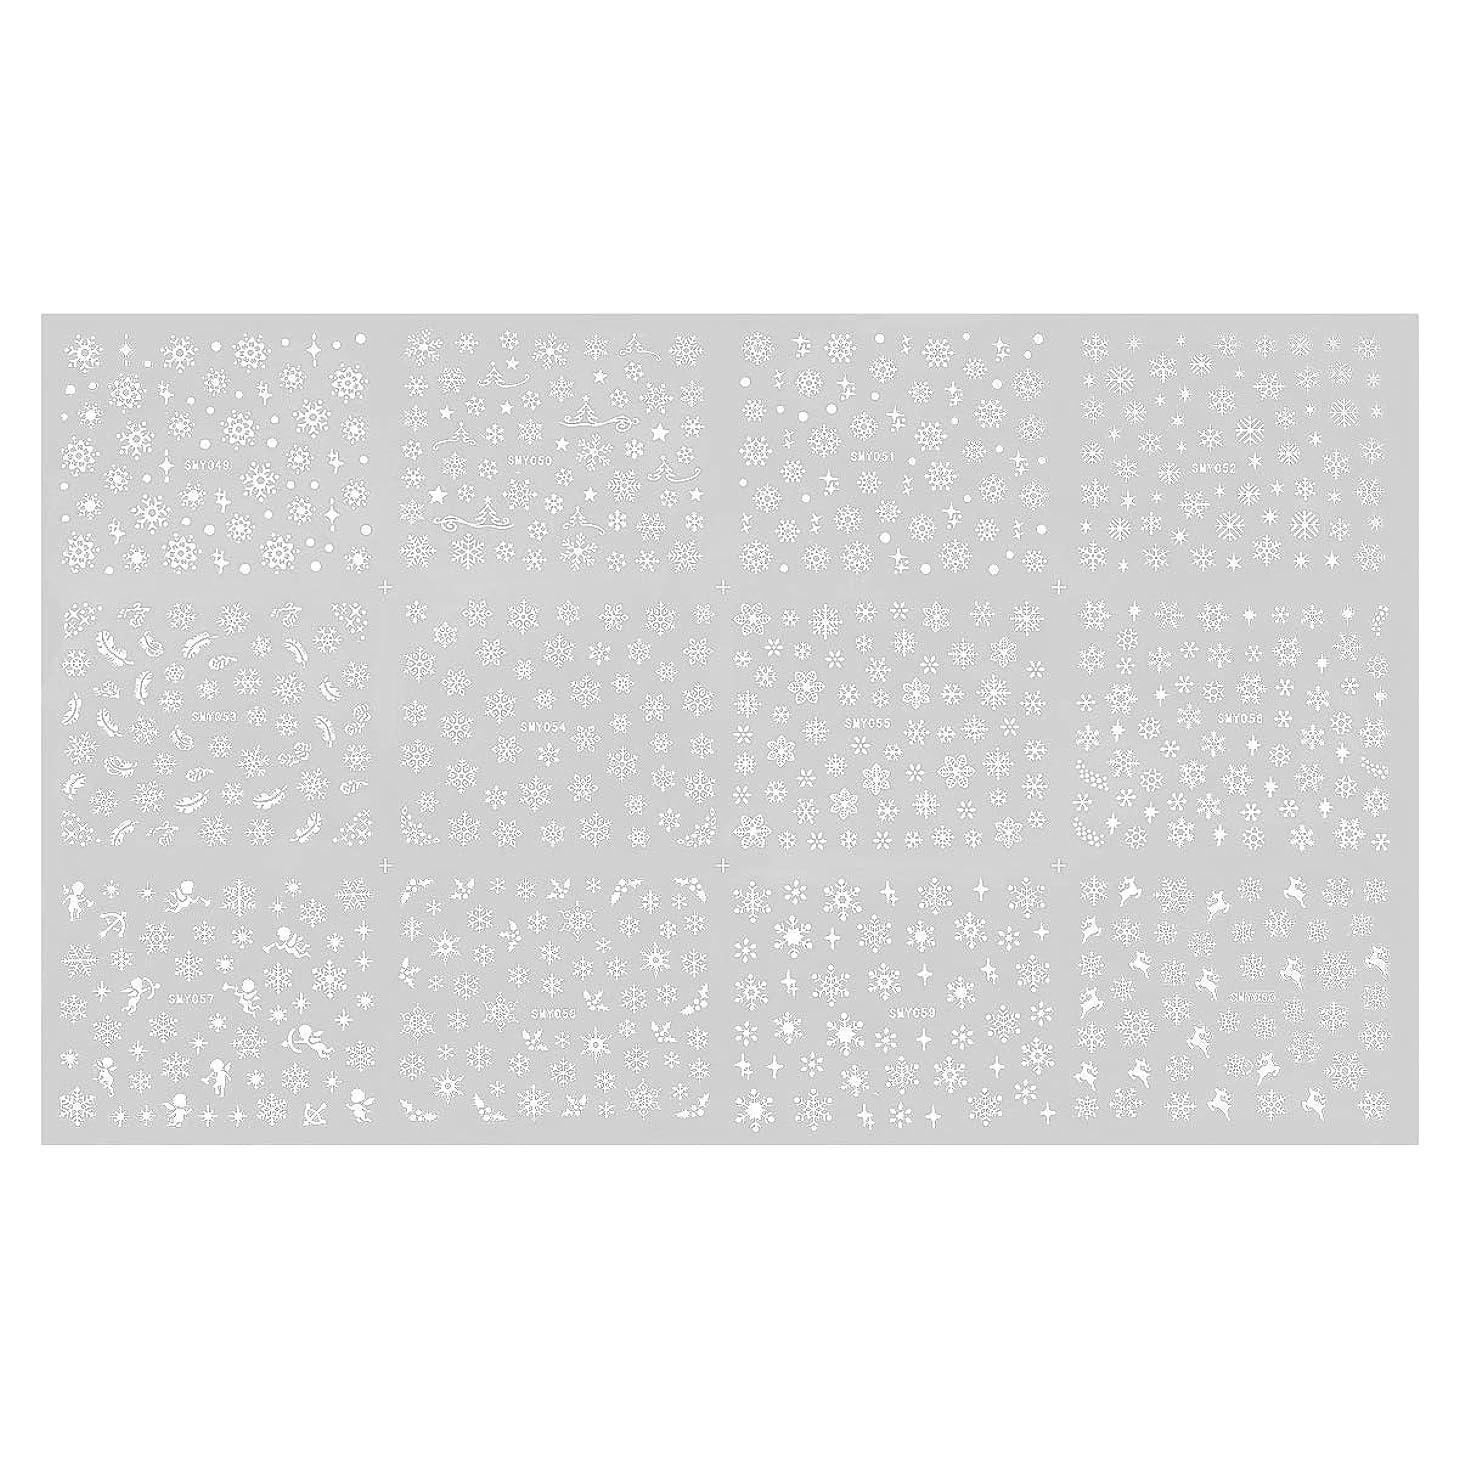 料理ハング苦いFrcolor ネイルシール 3D ネイルステッカー 雪花 ネイルホイル デザイン ネイルアートシール スノーフレーク 貼るだけ